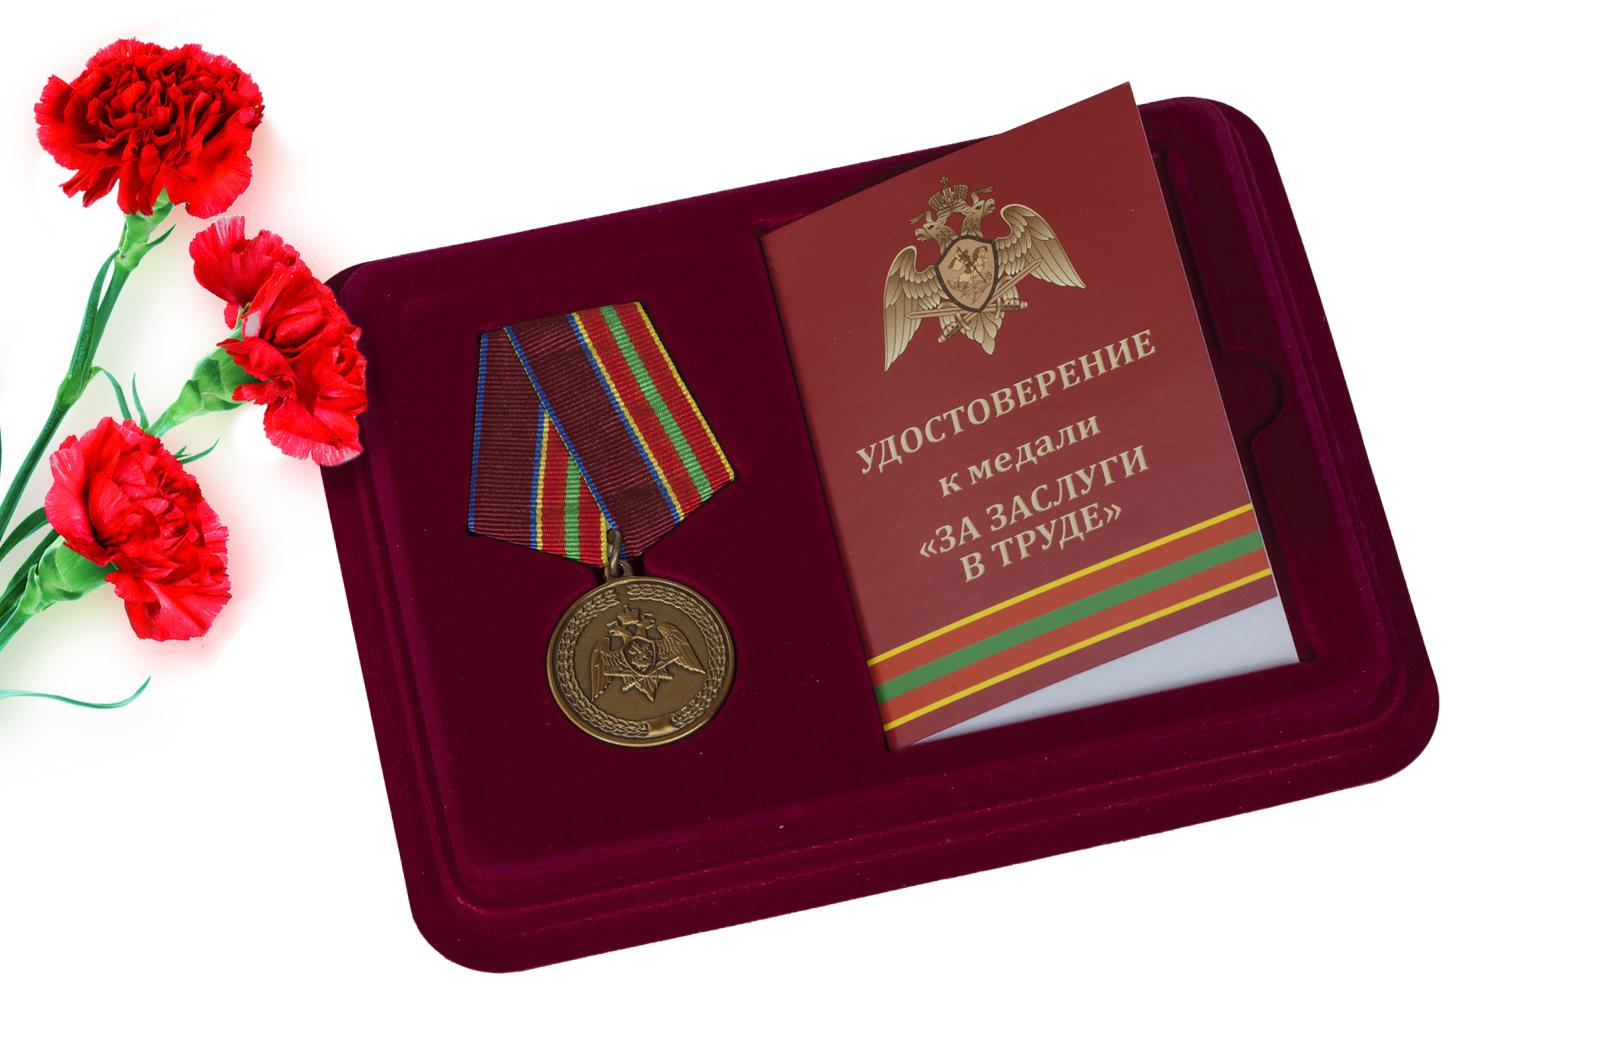 Купить медаль с символикой Росгвардии За заслуги в труде по низкой цене